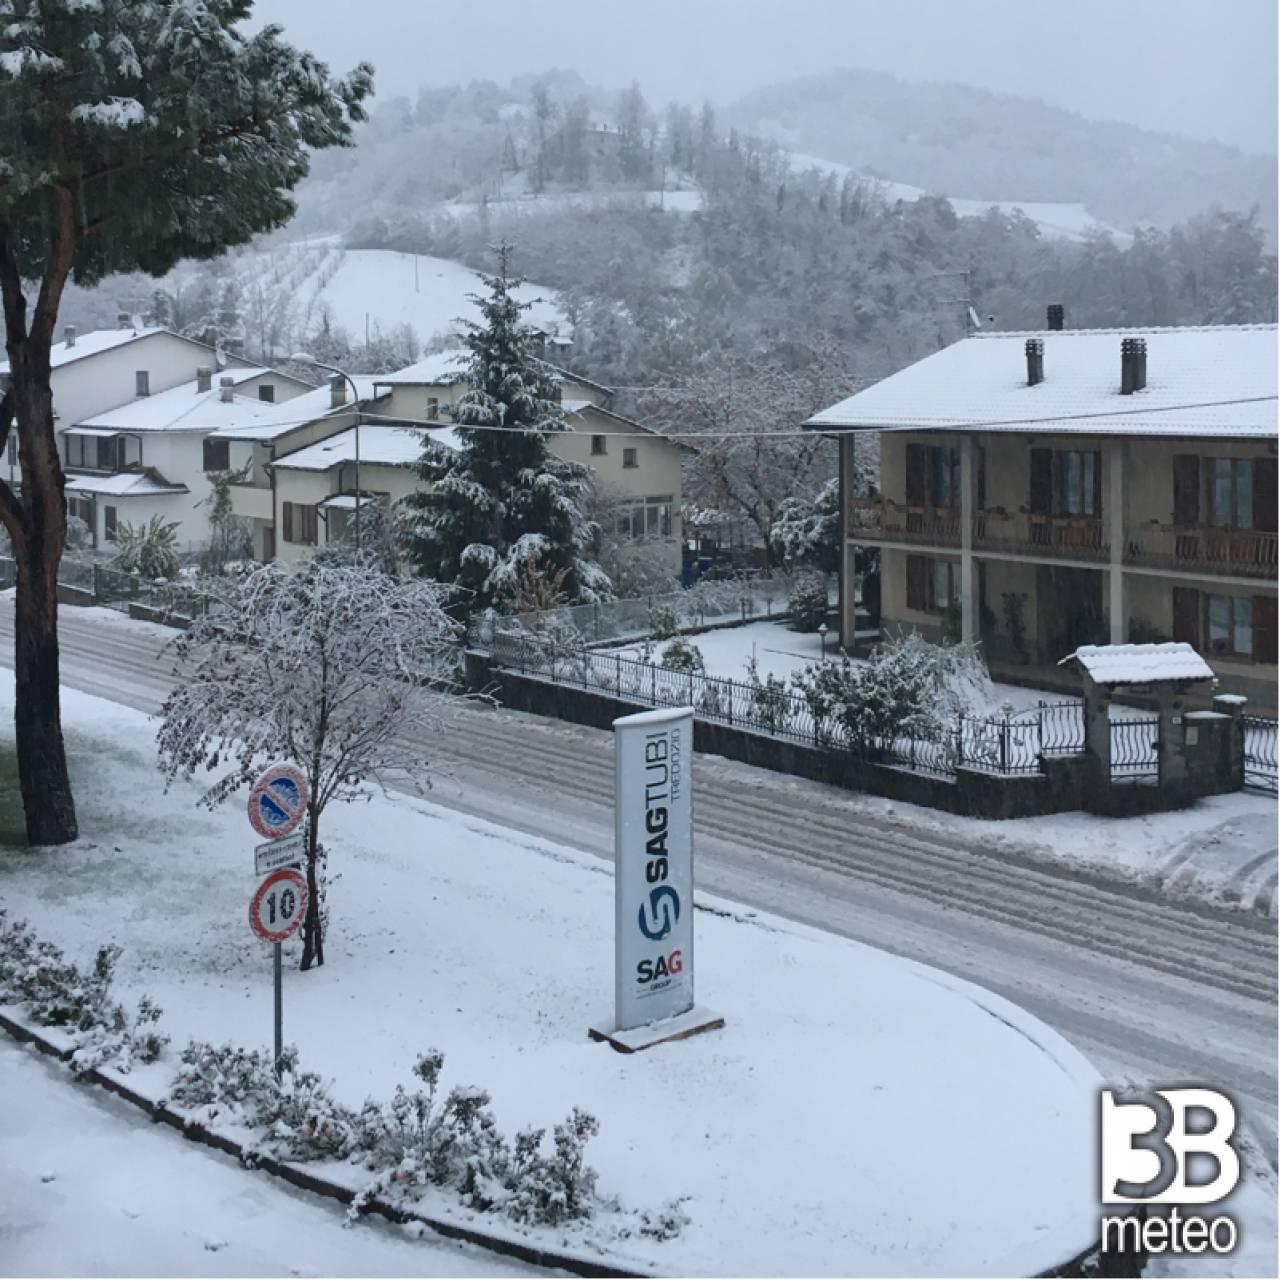 Prima neve foto gallery 3b meteo - Meteo bagno di romagna 15 giorni ...